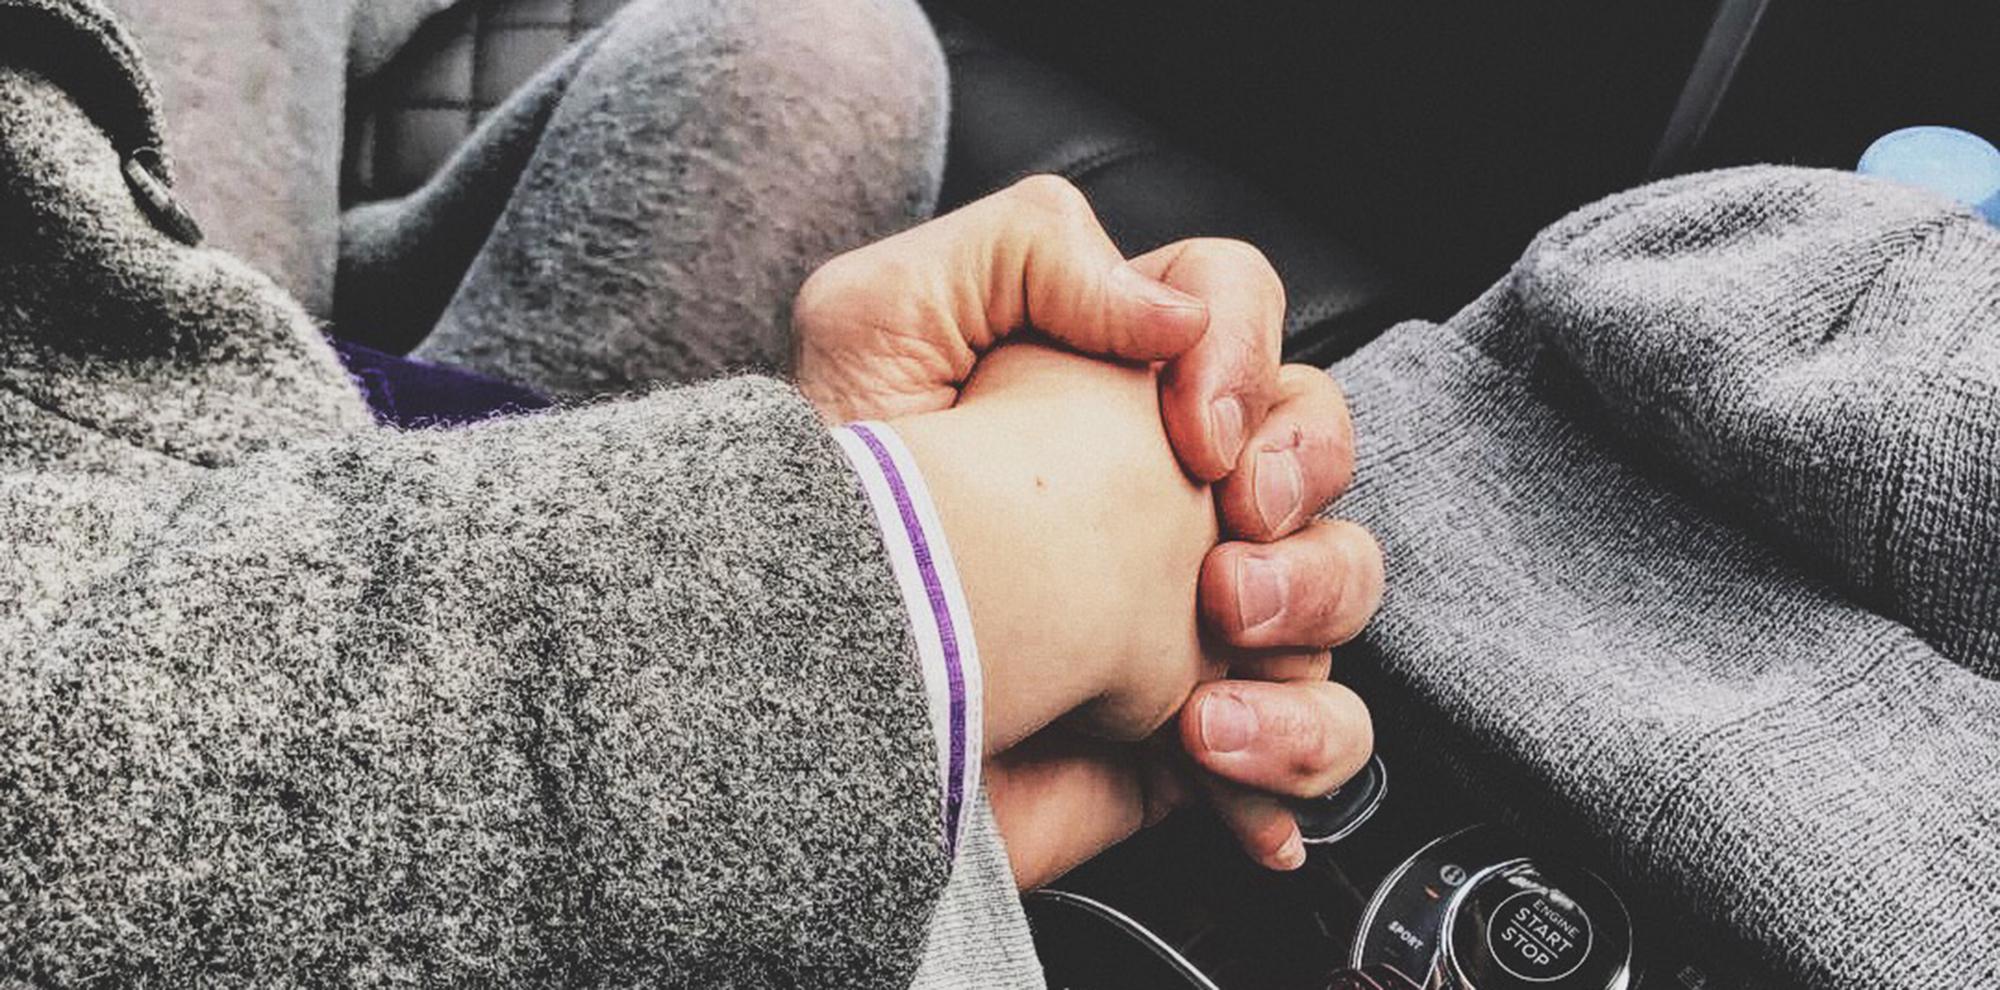 Ông bố 42 tuổi David Beckham: Tình yêu và yên bình mỗi sáng thức dậy là cái nắm tay của lũ trẻ nhỏ - Ảnh 8.